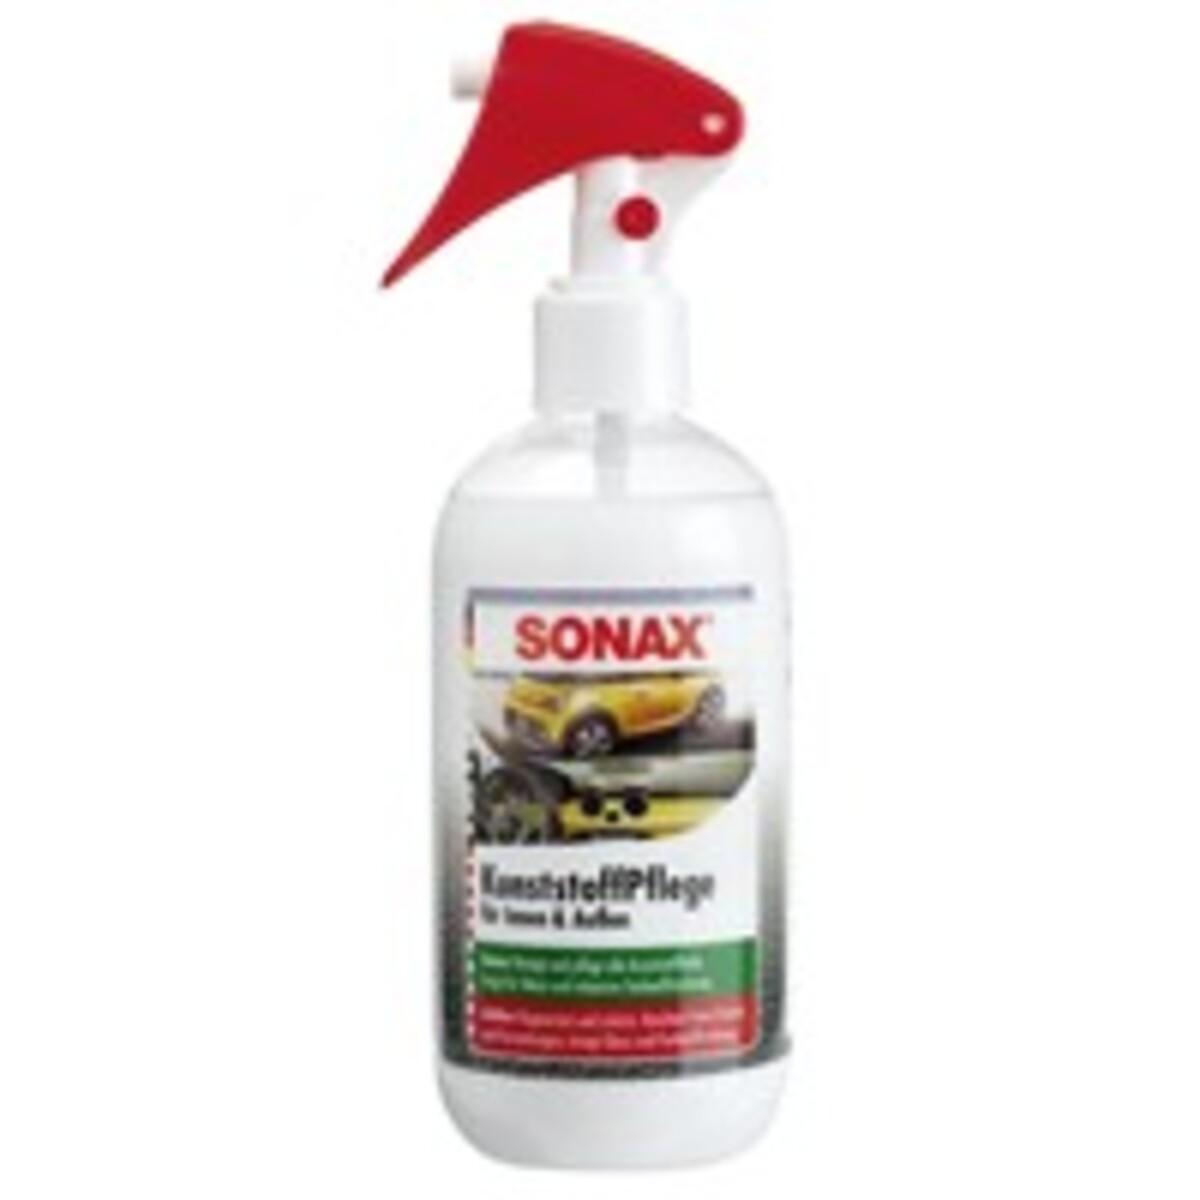 Bild 1 von SONAX 205141 KunststoffPflege Innen & Außen, 300 ml